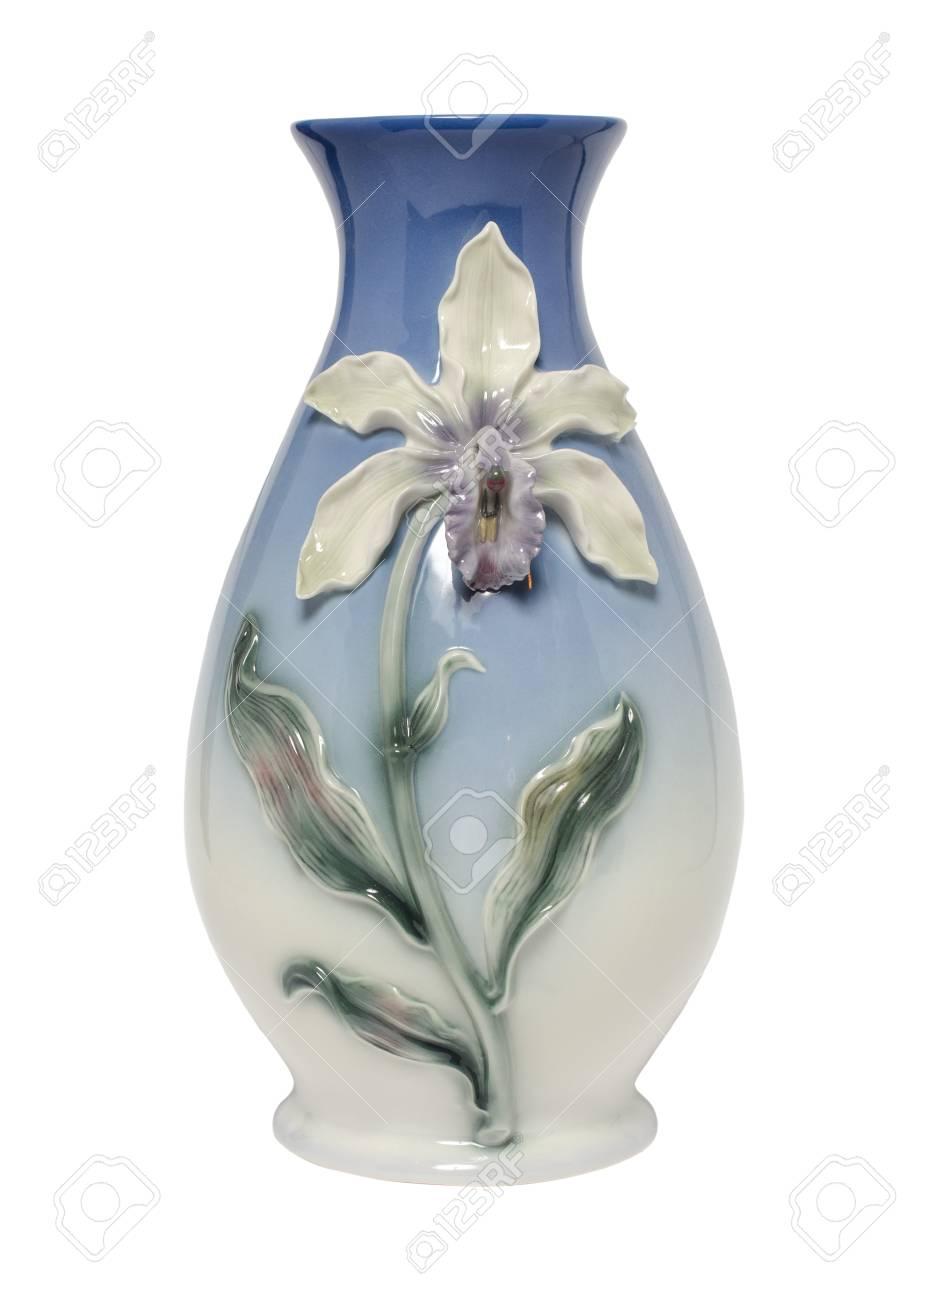 Hohe Vase Isoliert Auf Weiß Lizenzfreie Fotos Bilder Und Stock